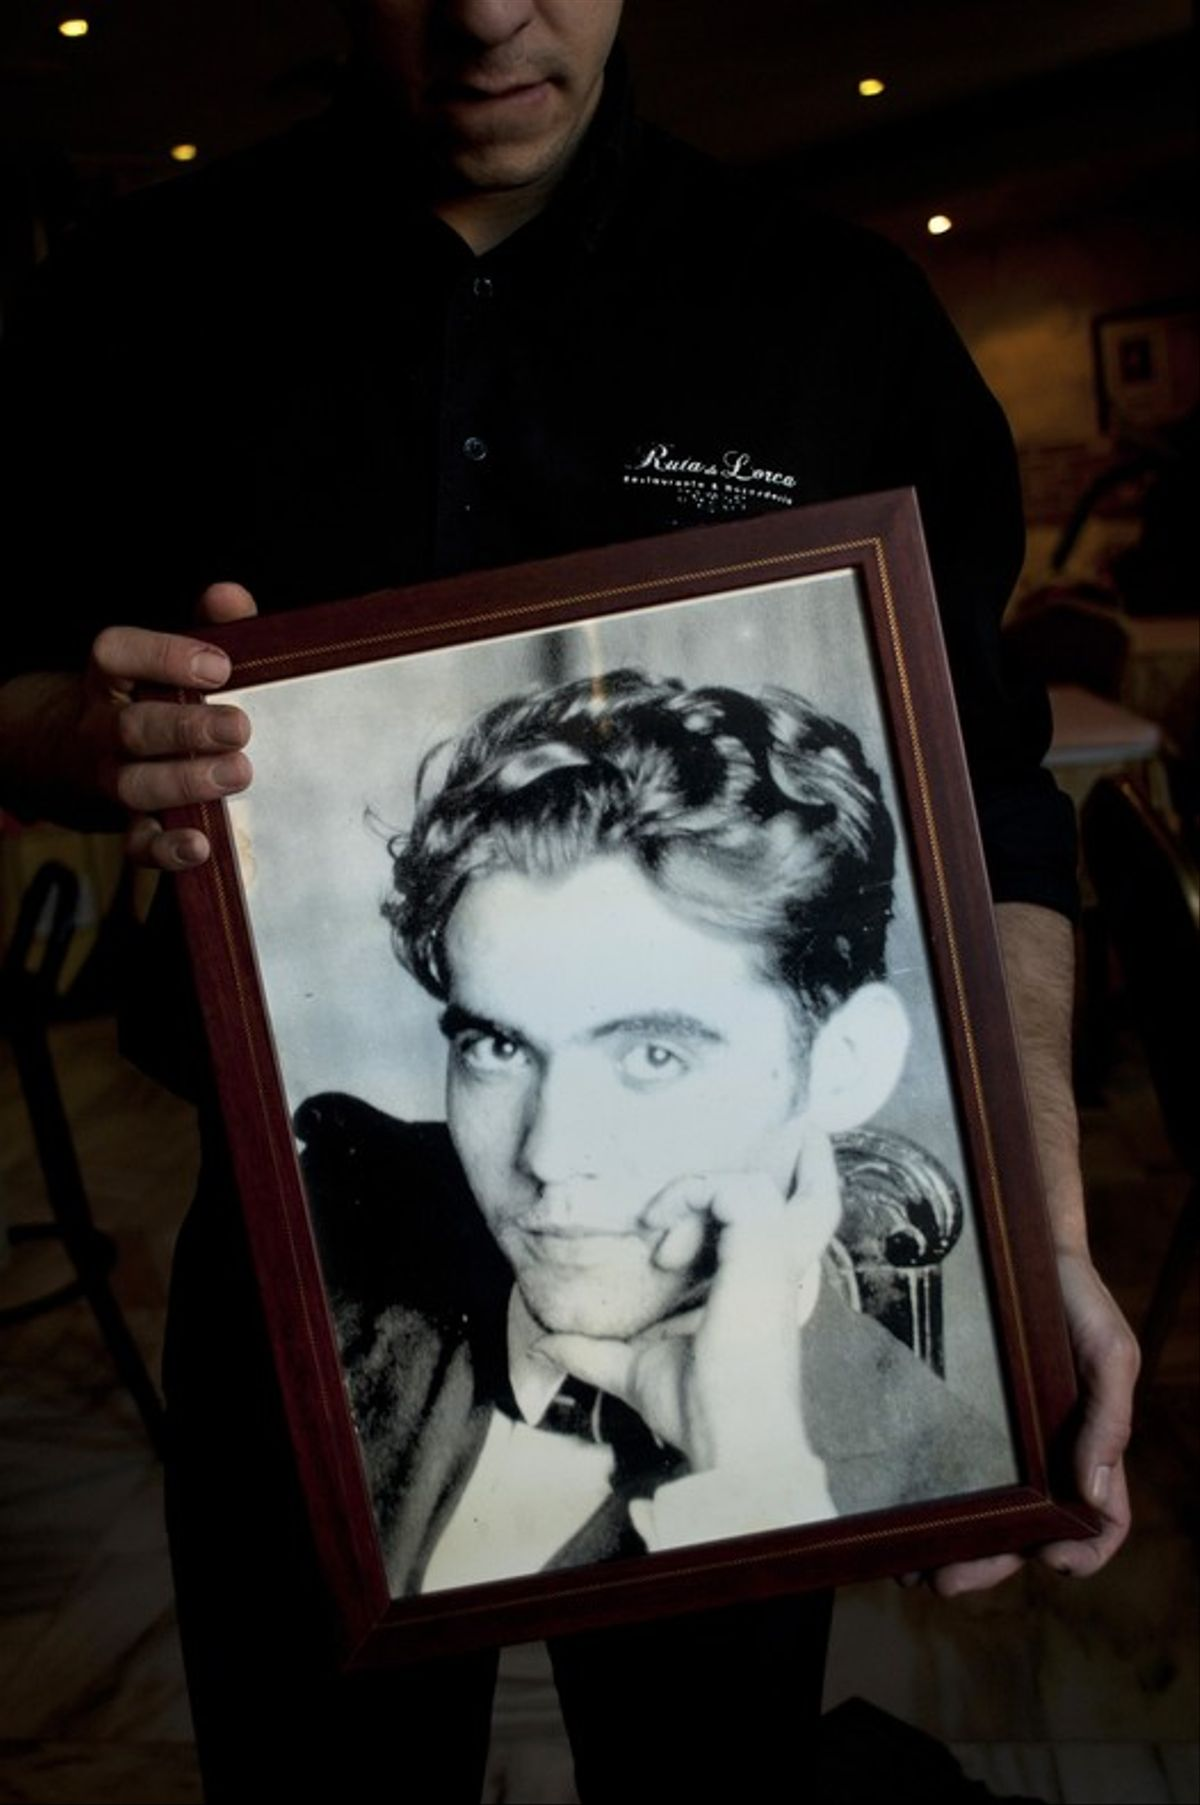 Un camarero transporta en noviembre del 2014 un cuadro del poeta Federico García Lorca en un restaurante de Alcanar, cerca del parque donde se cree que fue enterrado.